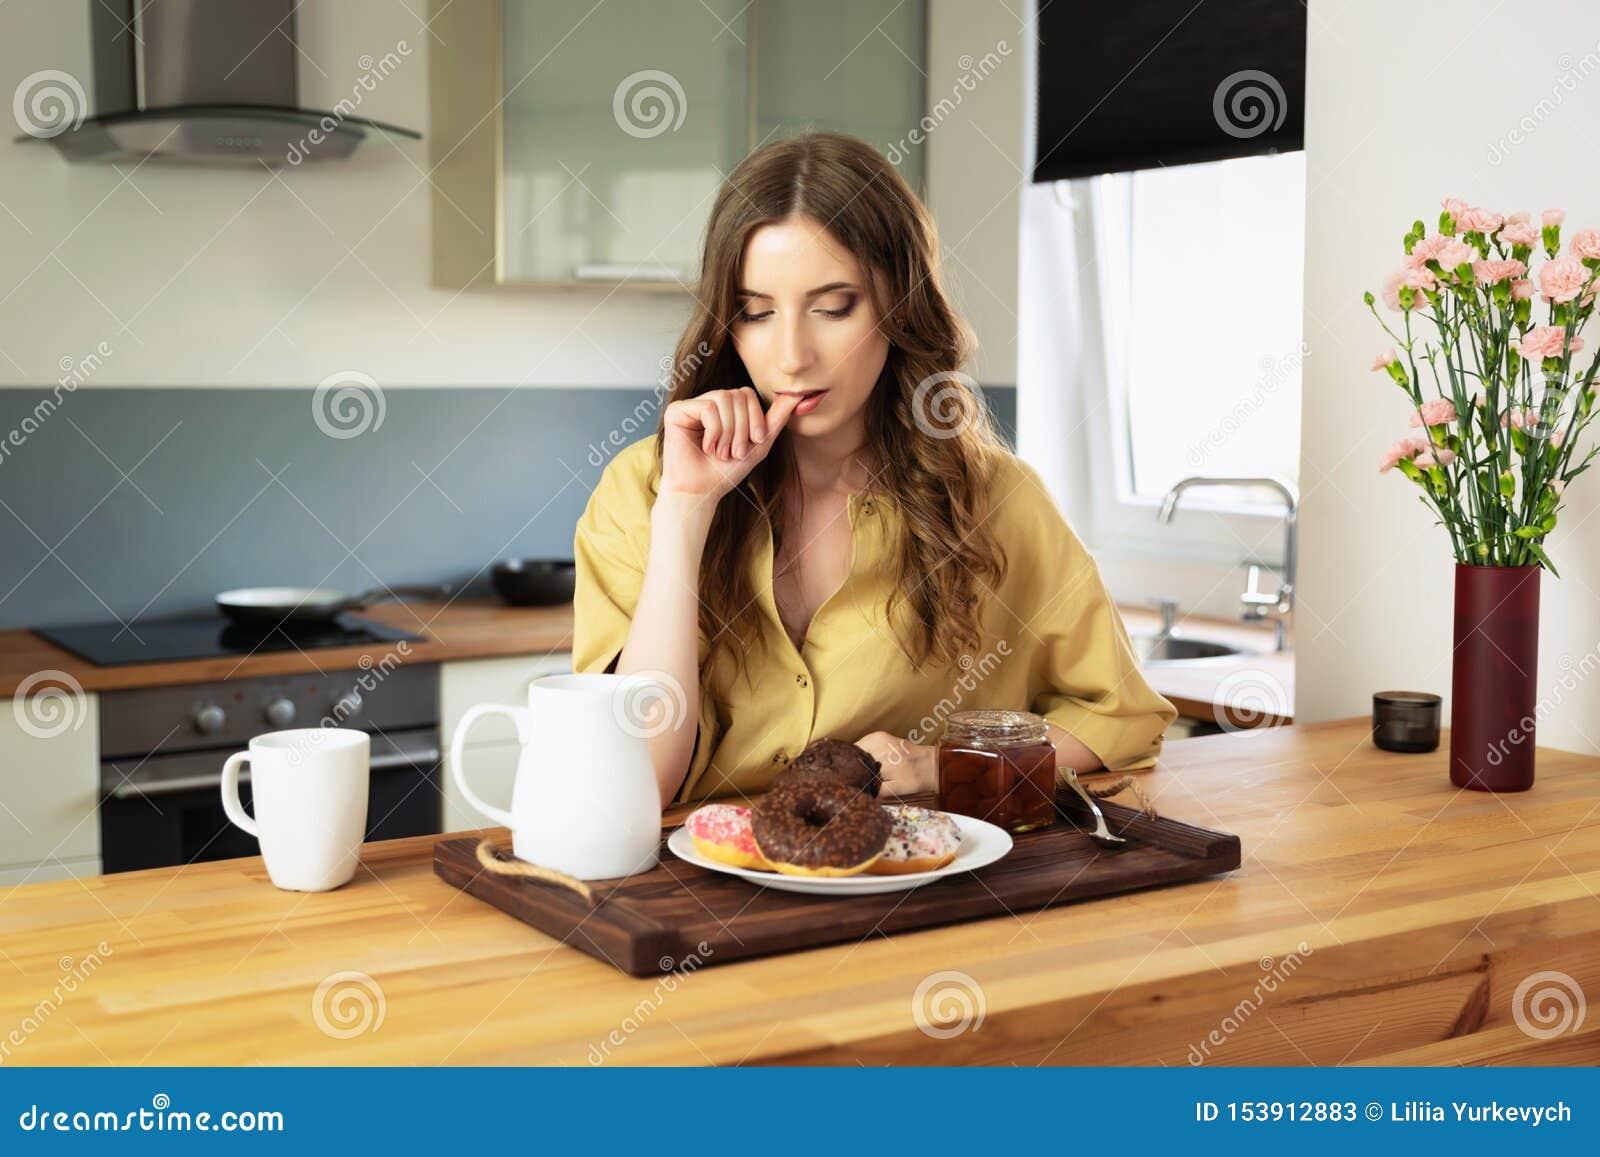 年轻美女食用早餐在家在厨房